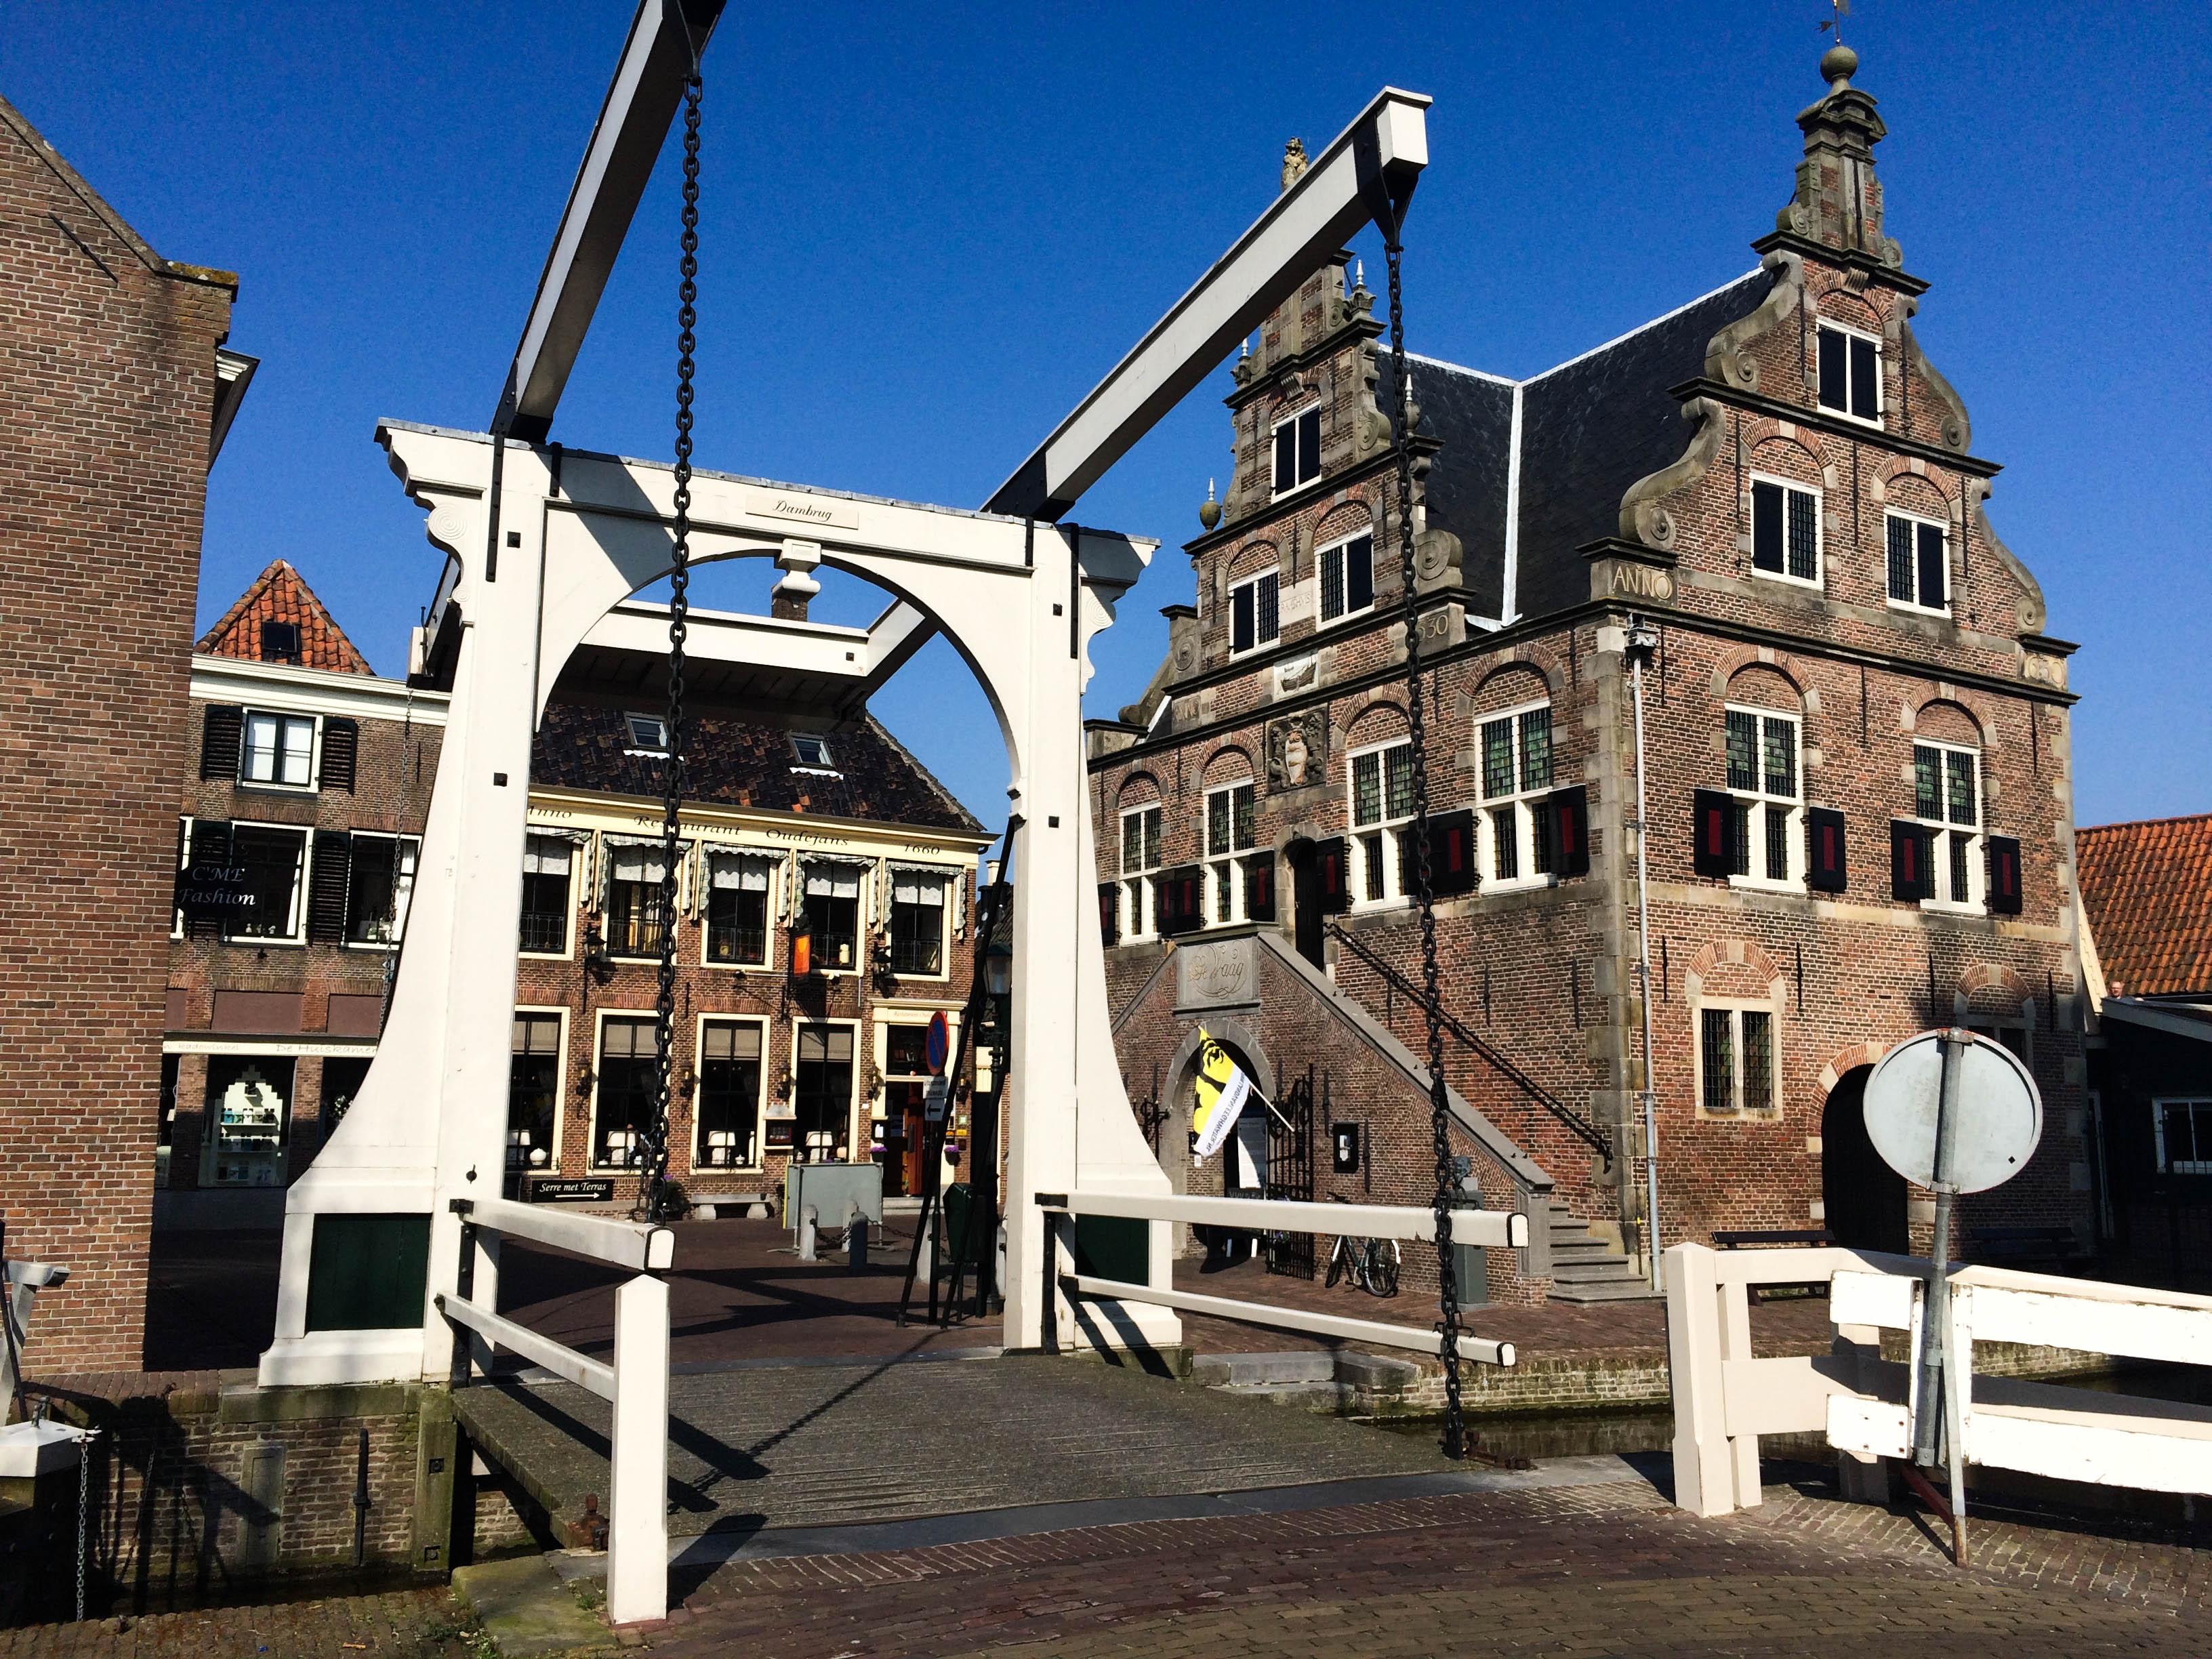 de rijp 2 - Hollandse Streken - Lekker de rijp - Bijzondere Streken